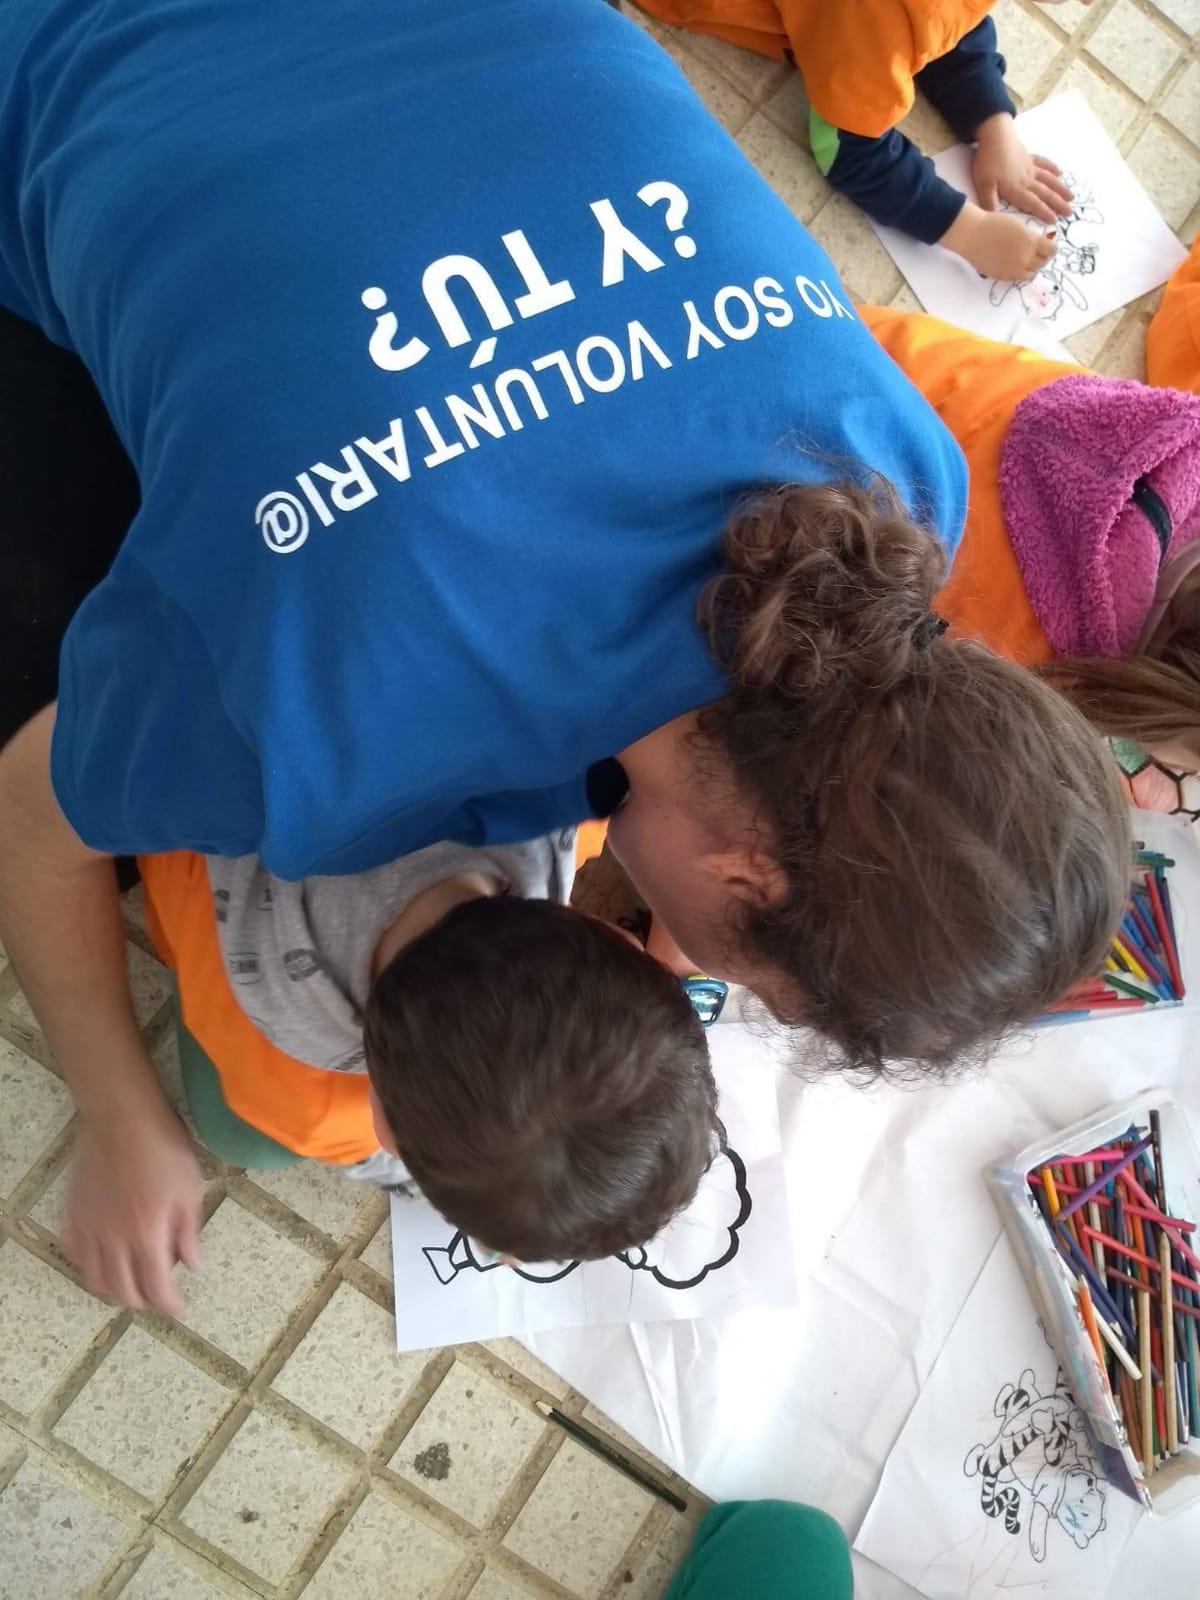 Autismo Sevilla celebra la XI Edición de su Encuentro Solidario por el autismo